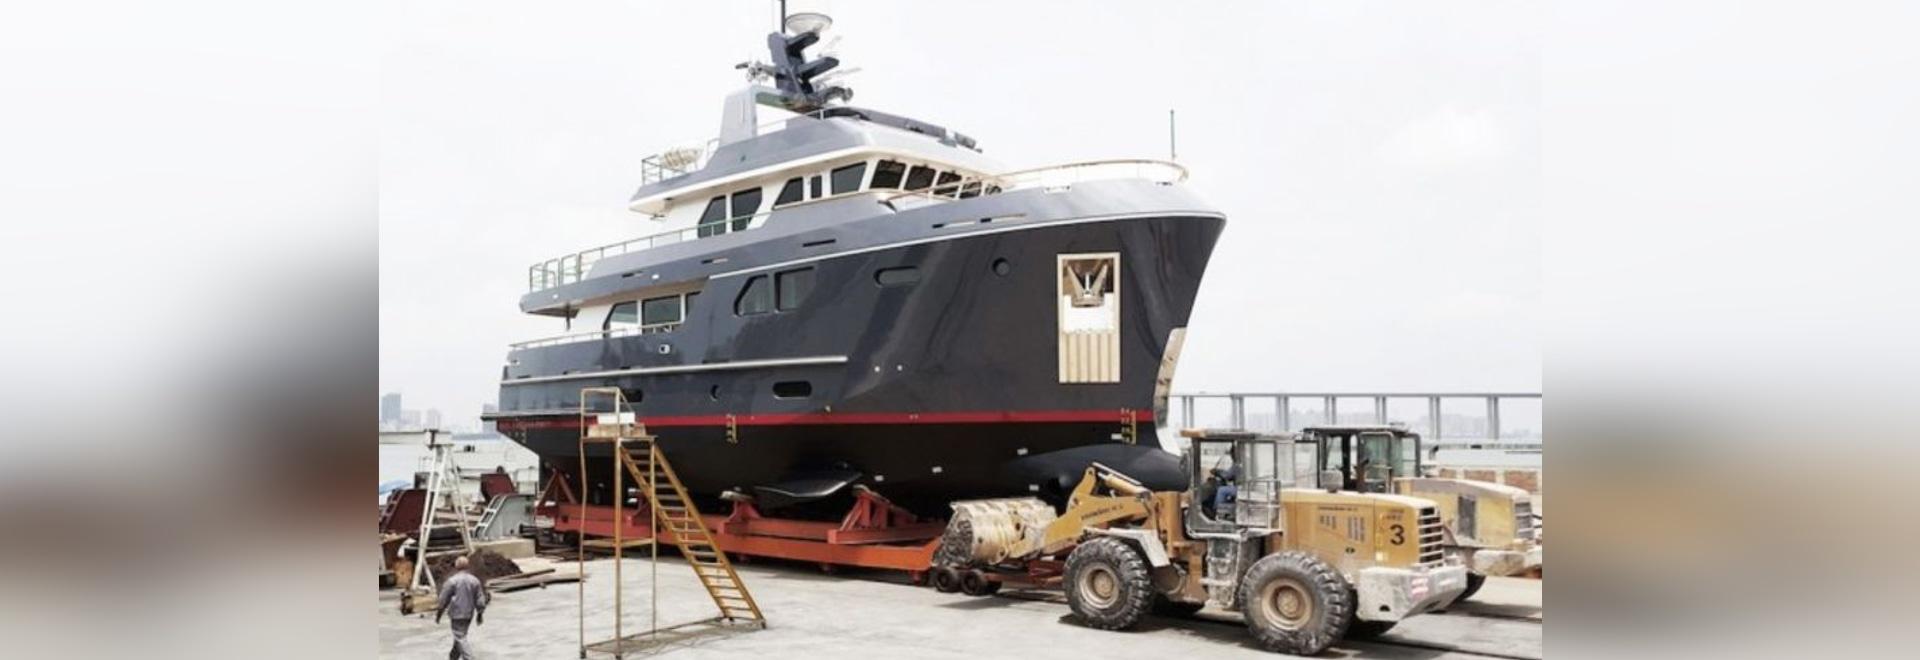 Dieses ist, wie man ein Spritzen macht: Treffen Sie neuen VEDA By Bering Yachts!